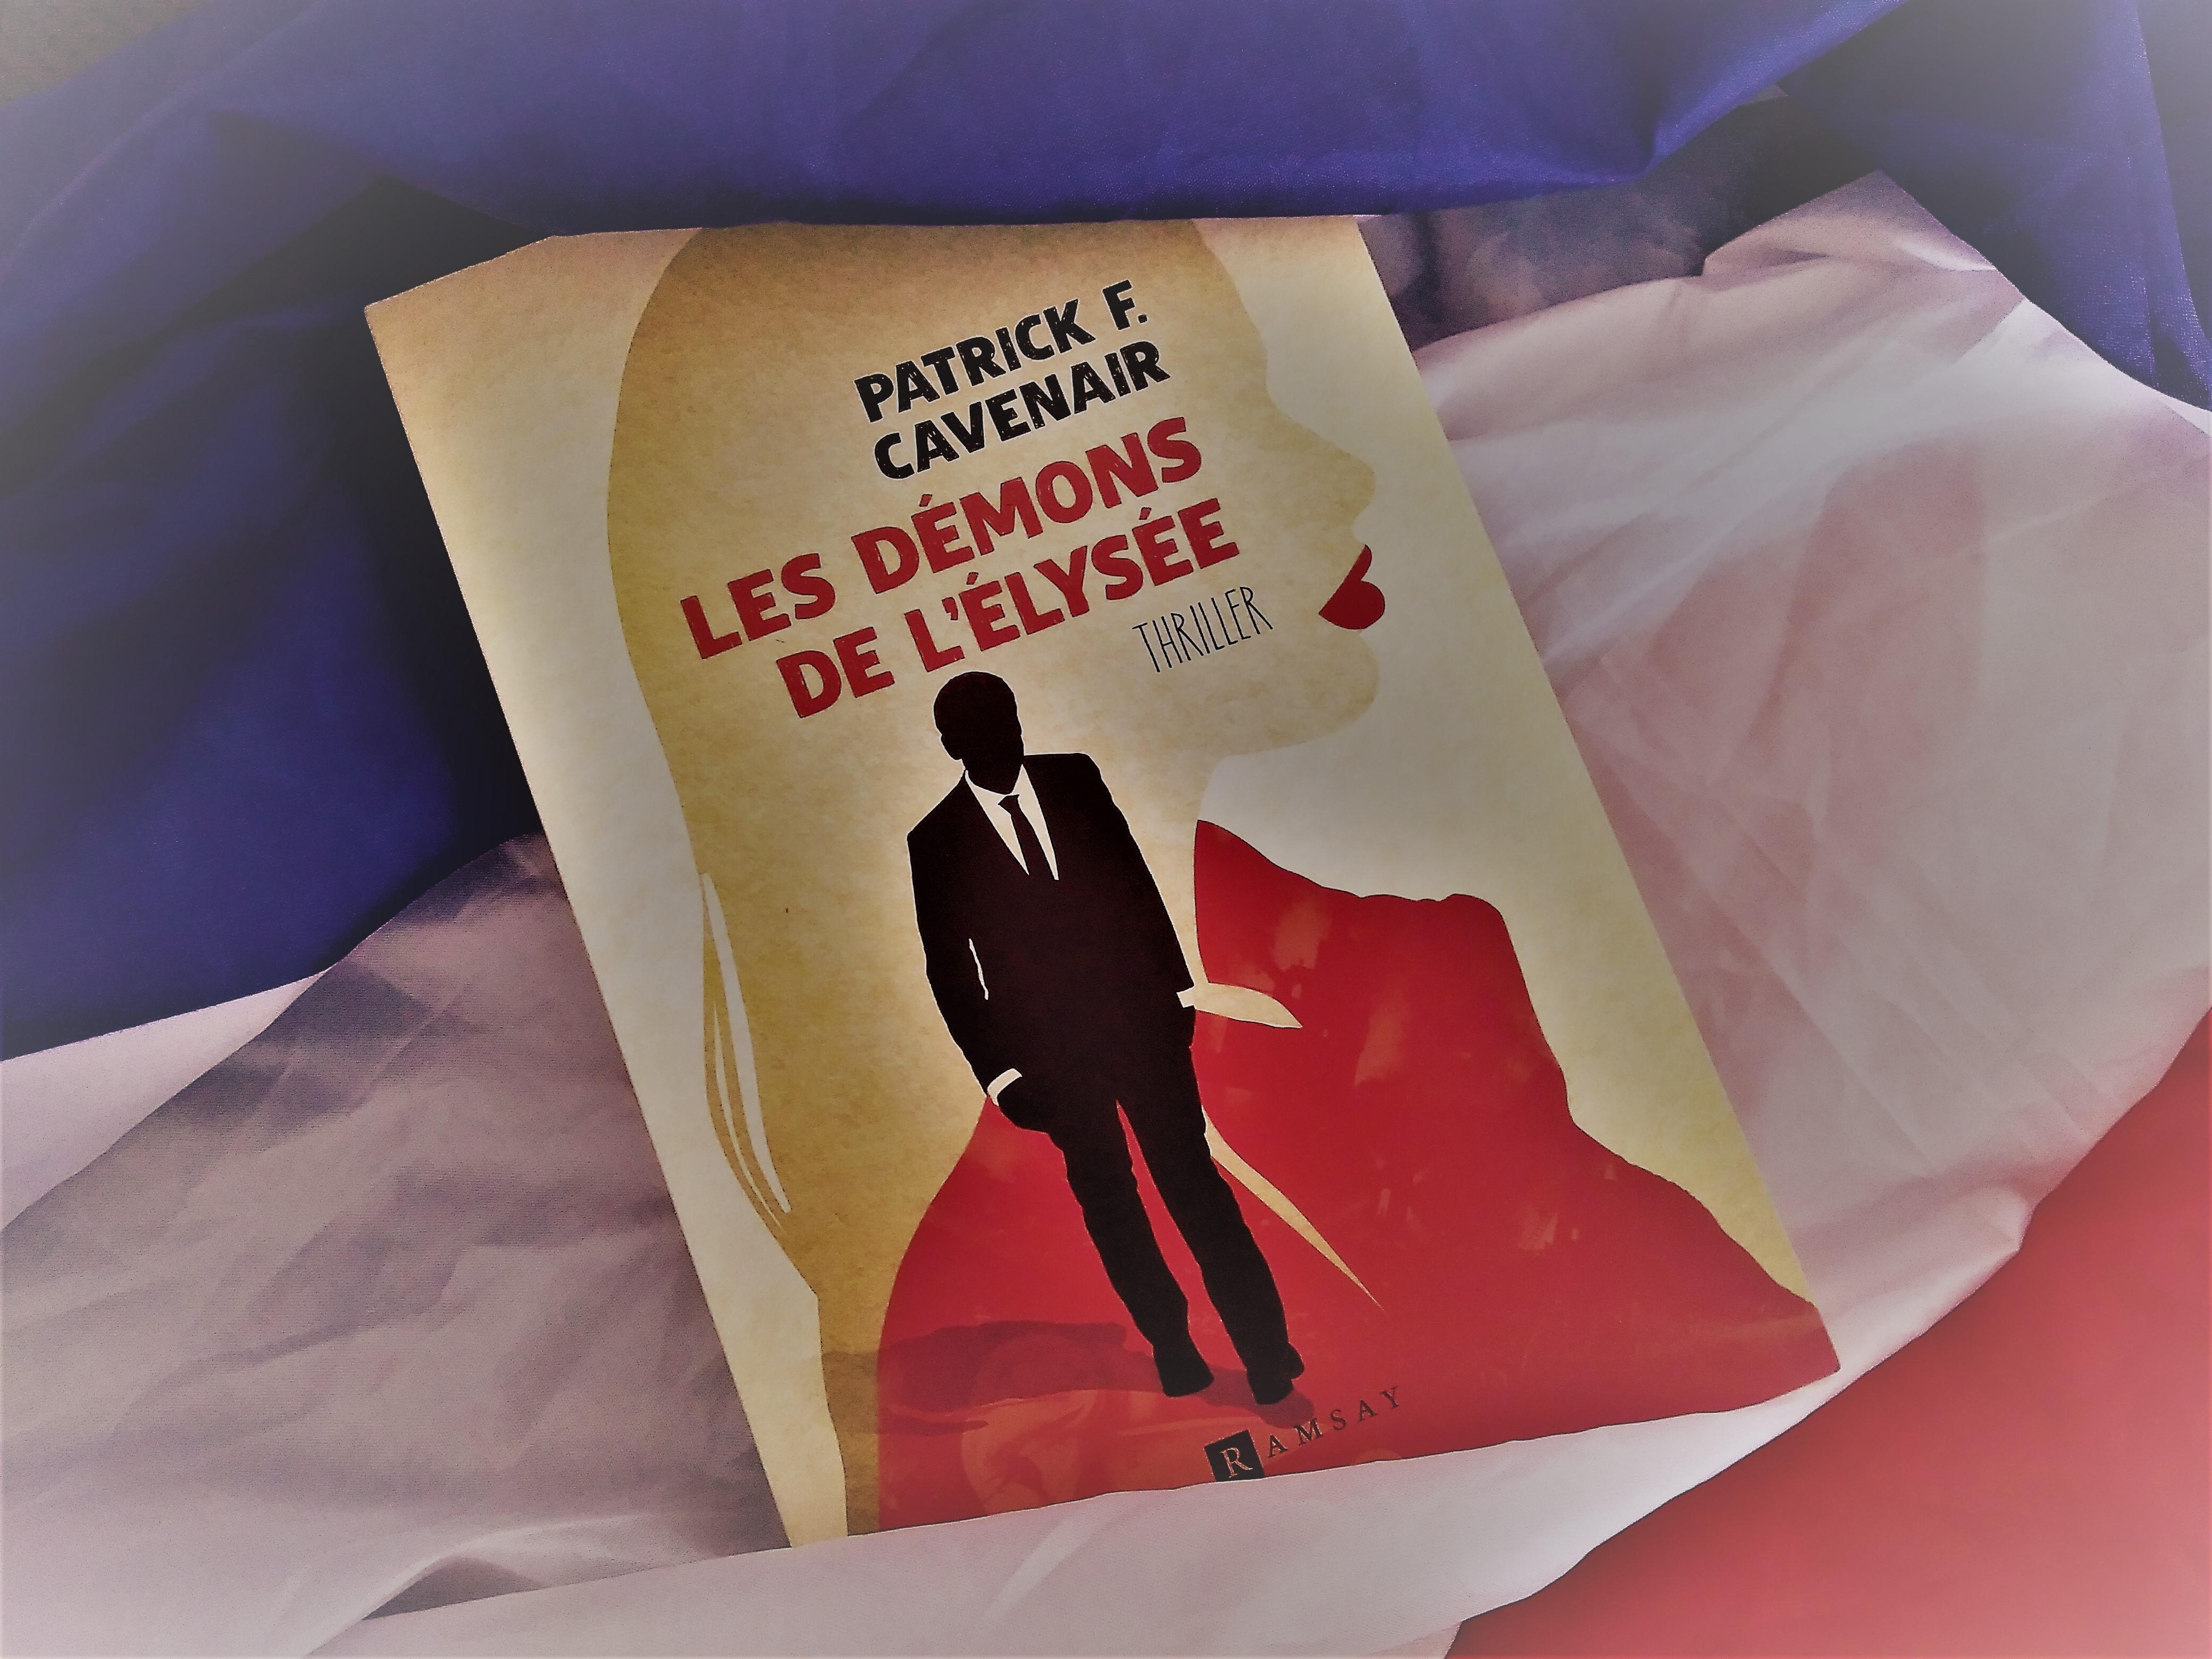 Les Démons de l'Elysée, Patrick F. Cavenair